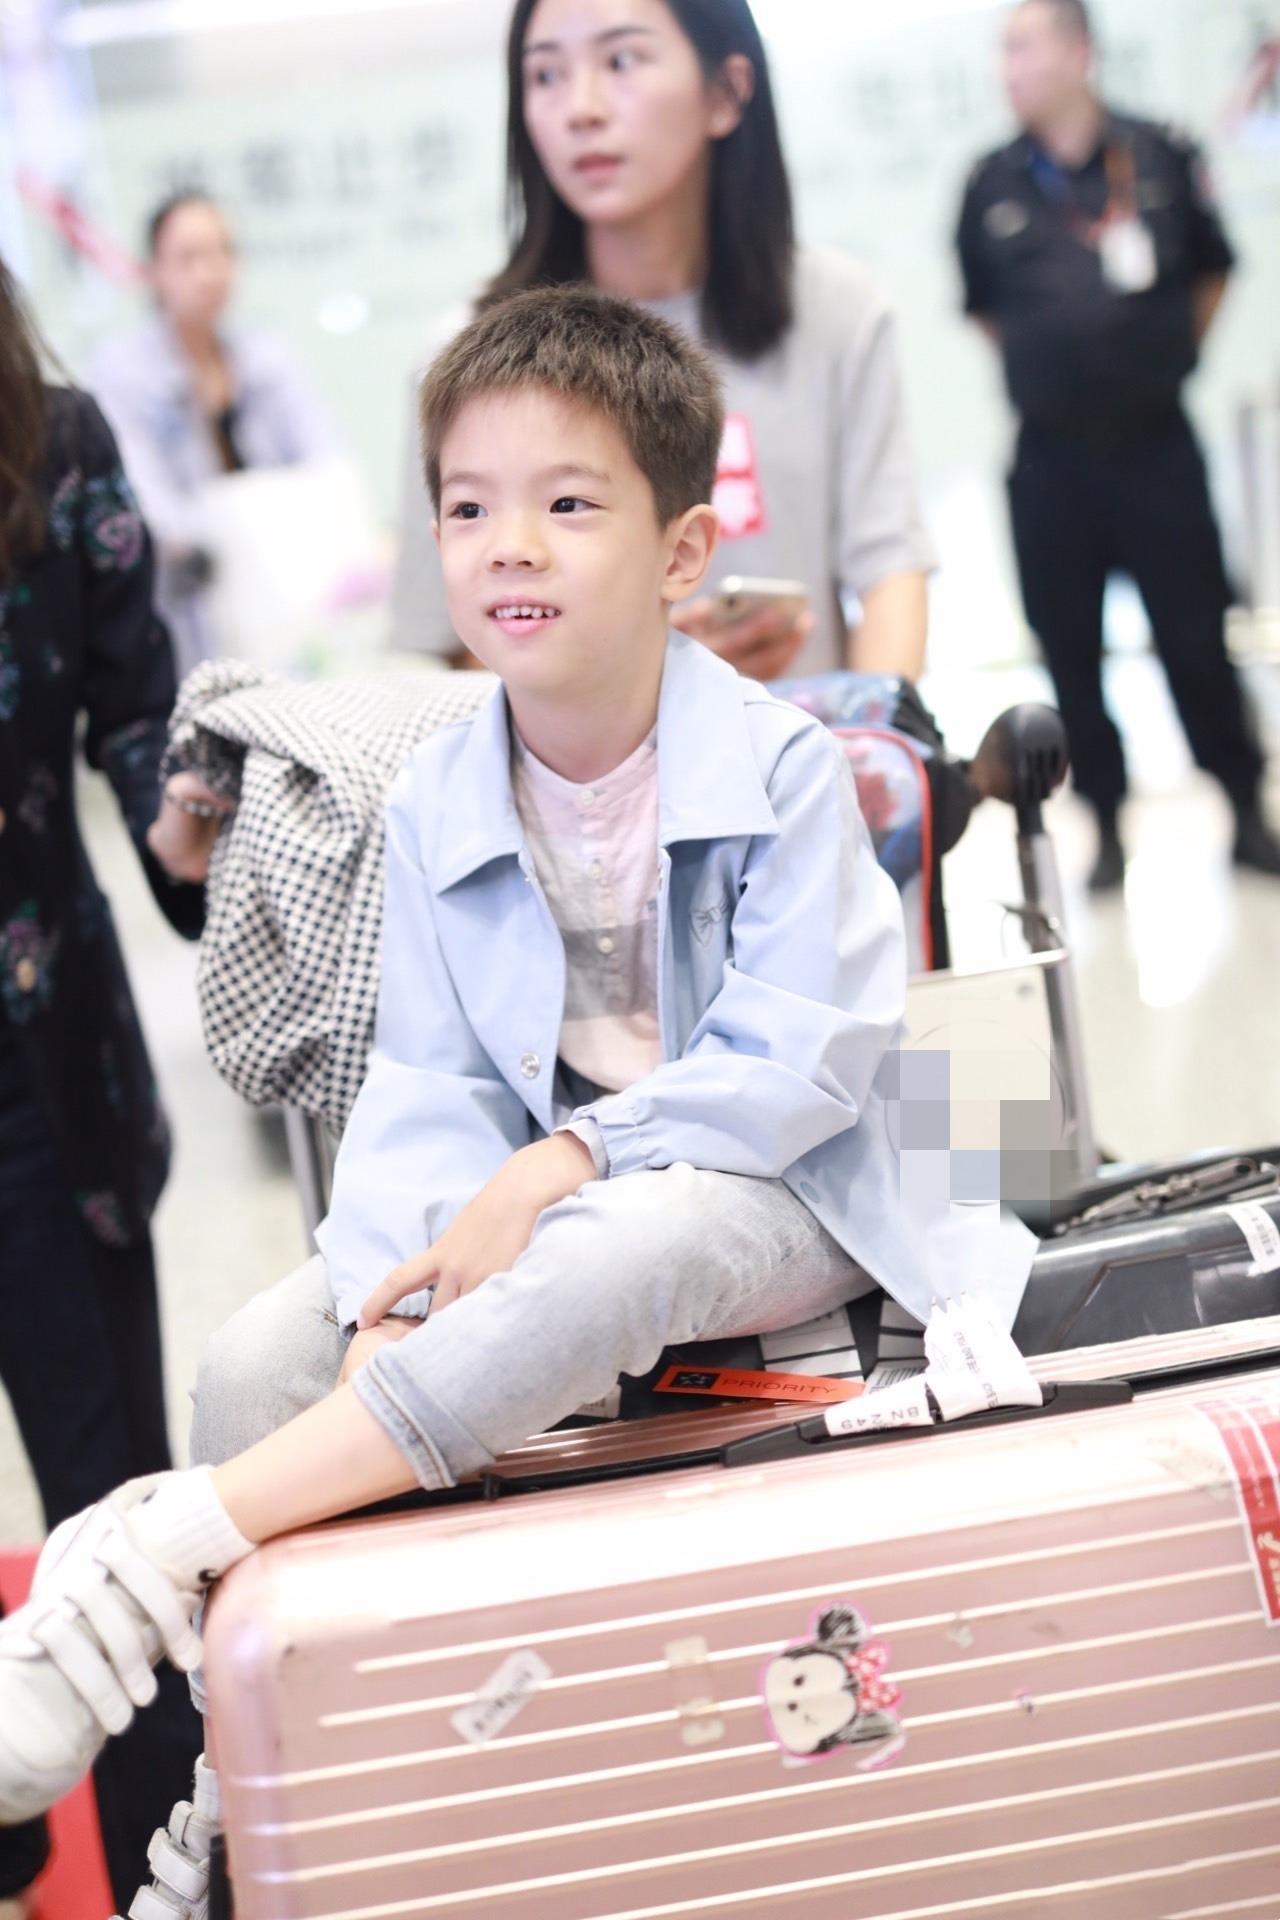 霍思燕印花西裝配紅唇走機場似霸總,6歲嗯哼一身藍變儒雅貴公子